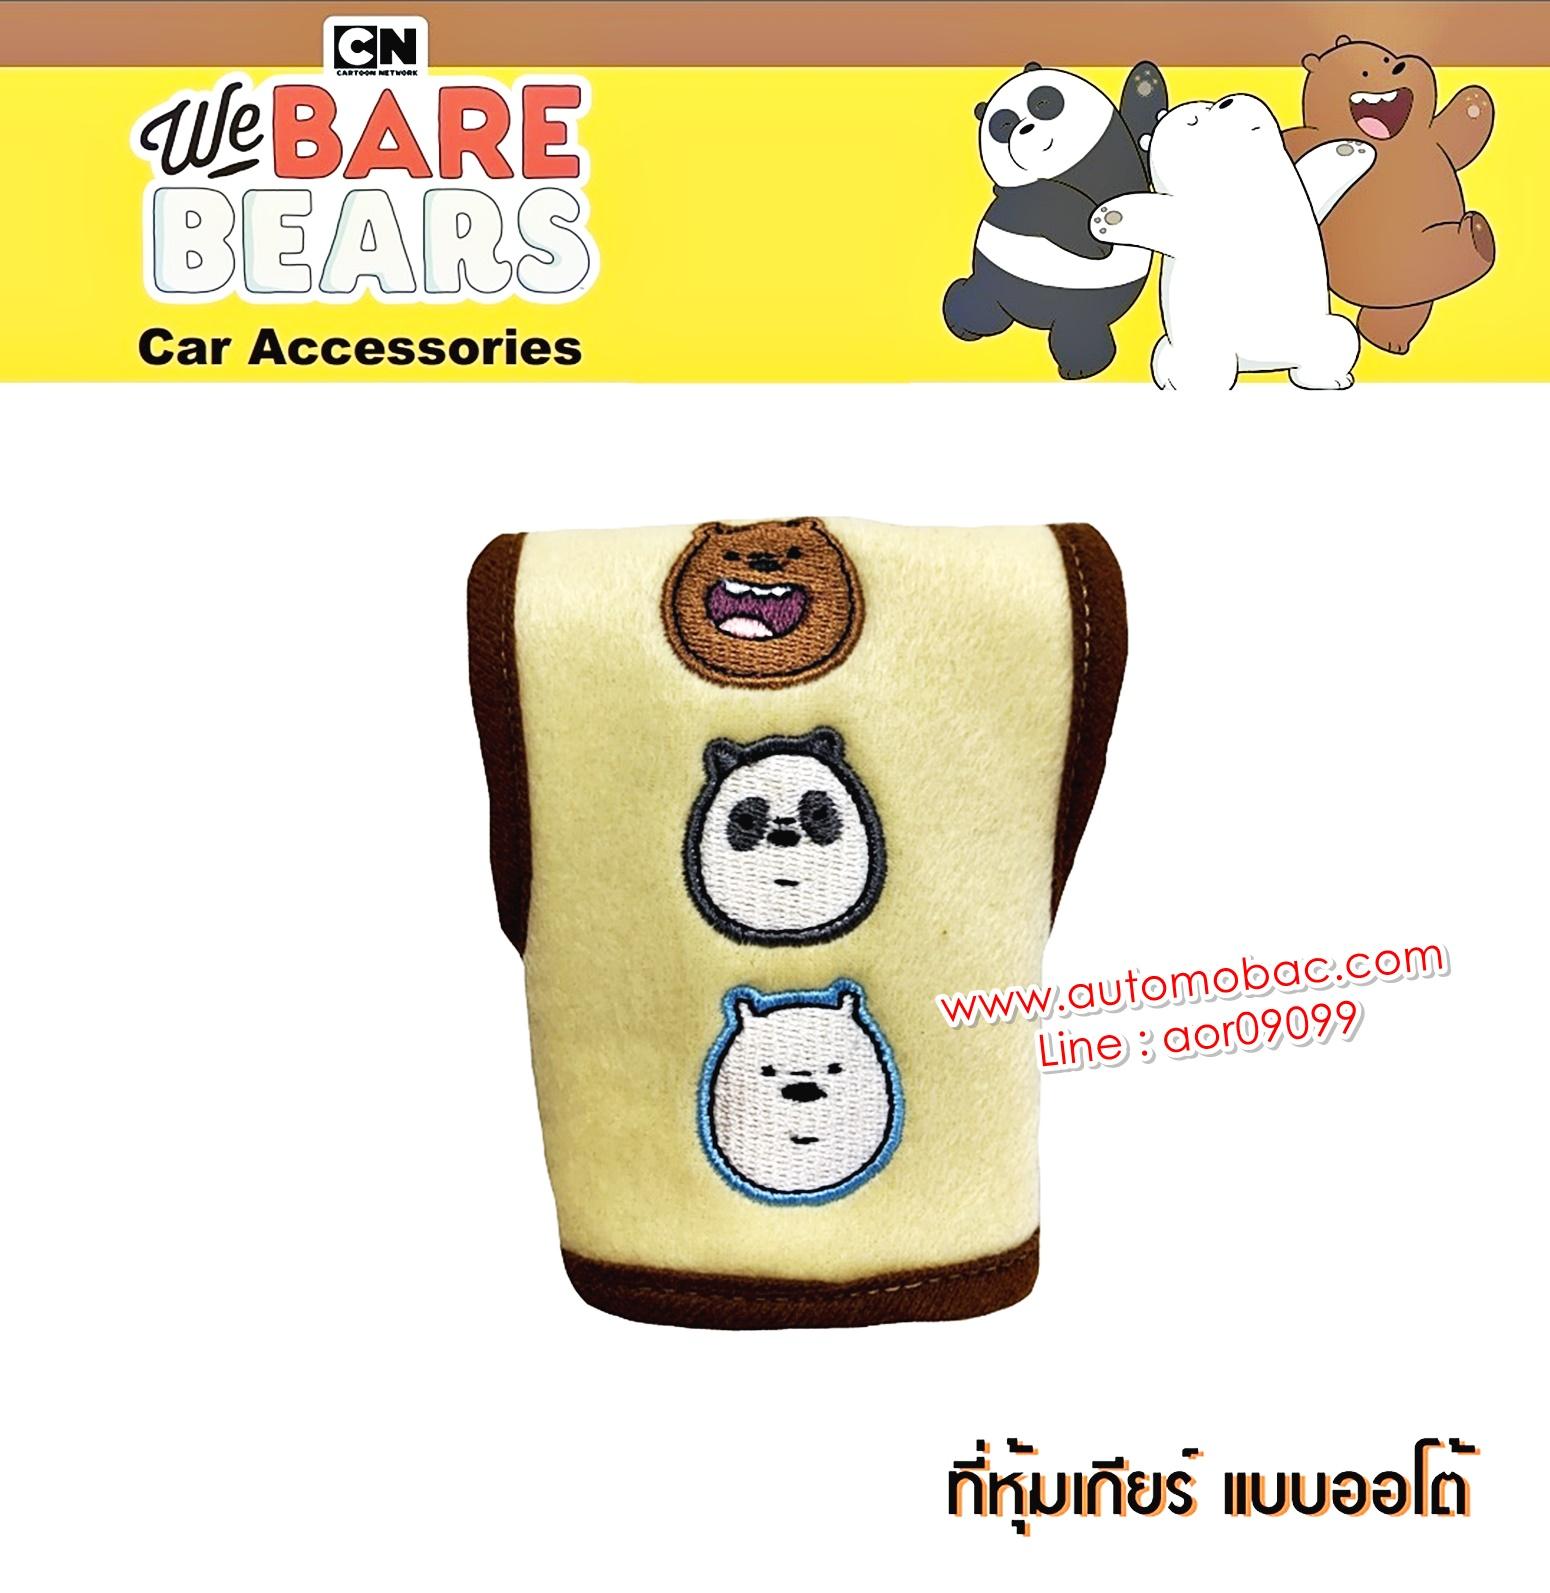 We Bare Bears v.2 หมีจอมป่วน สีครีม ผ้าหุ้มเกียร์ ทรงออโต้ Gear Cover ลิขสิทธิ์แท้ ตกแต่งด้วยลายปัก